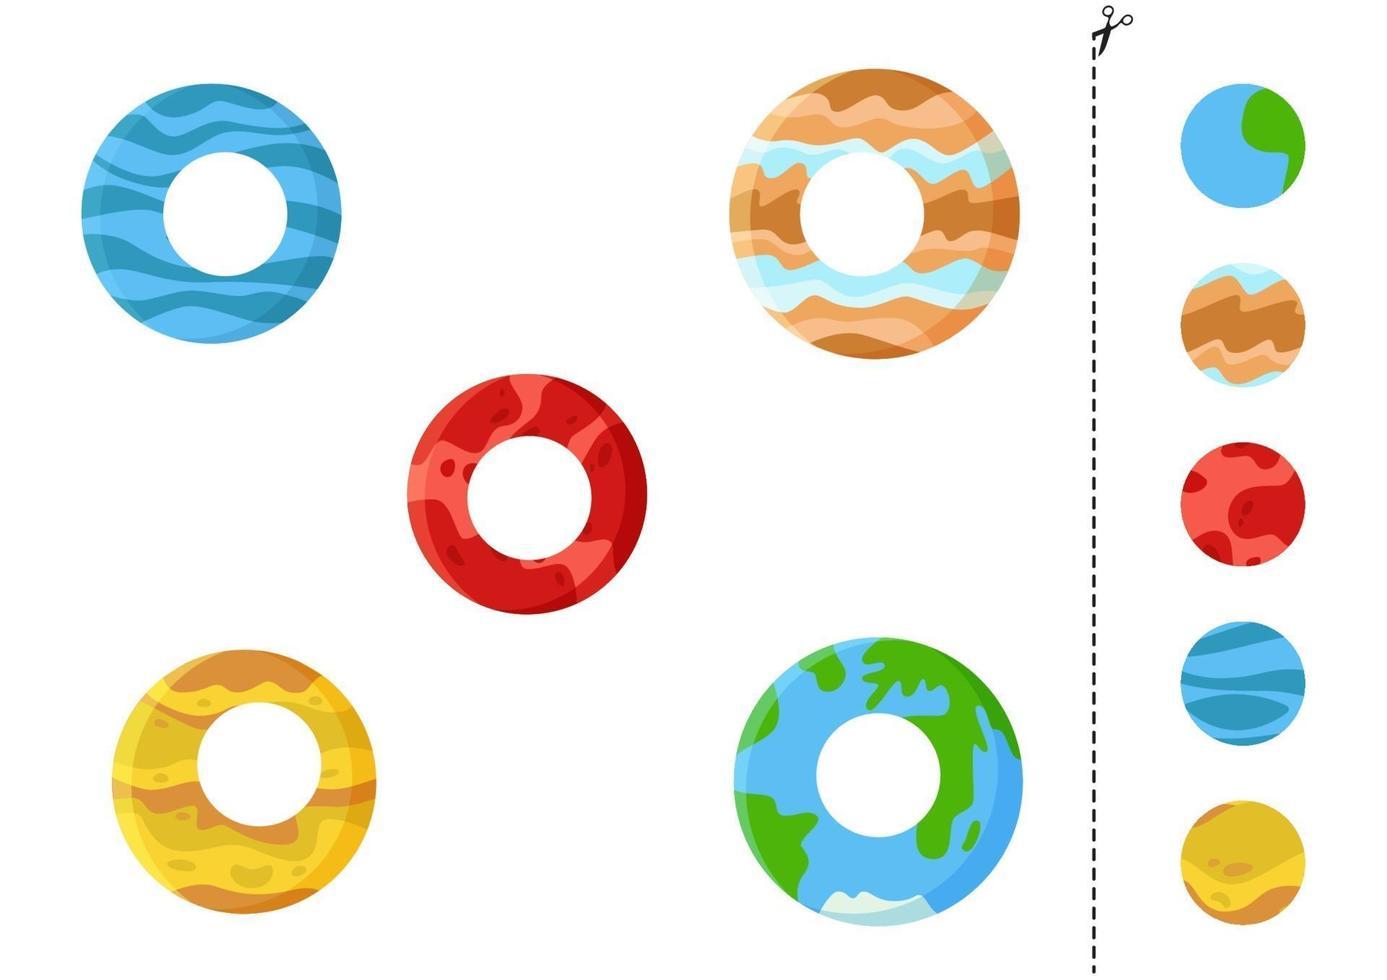 Corte e cole o jogo para crianças. planetas dos desenhos animados. vetor